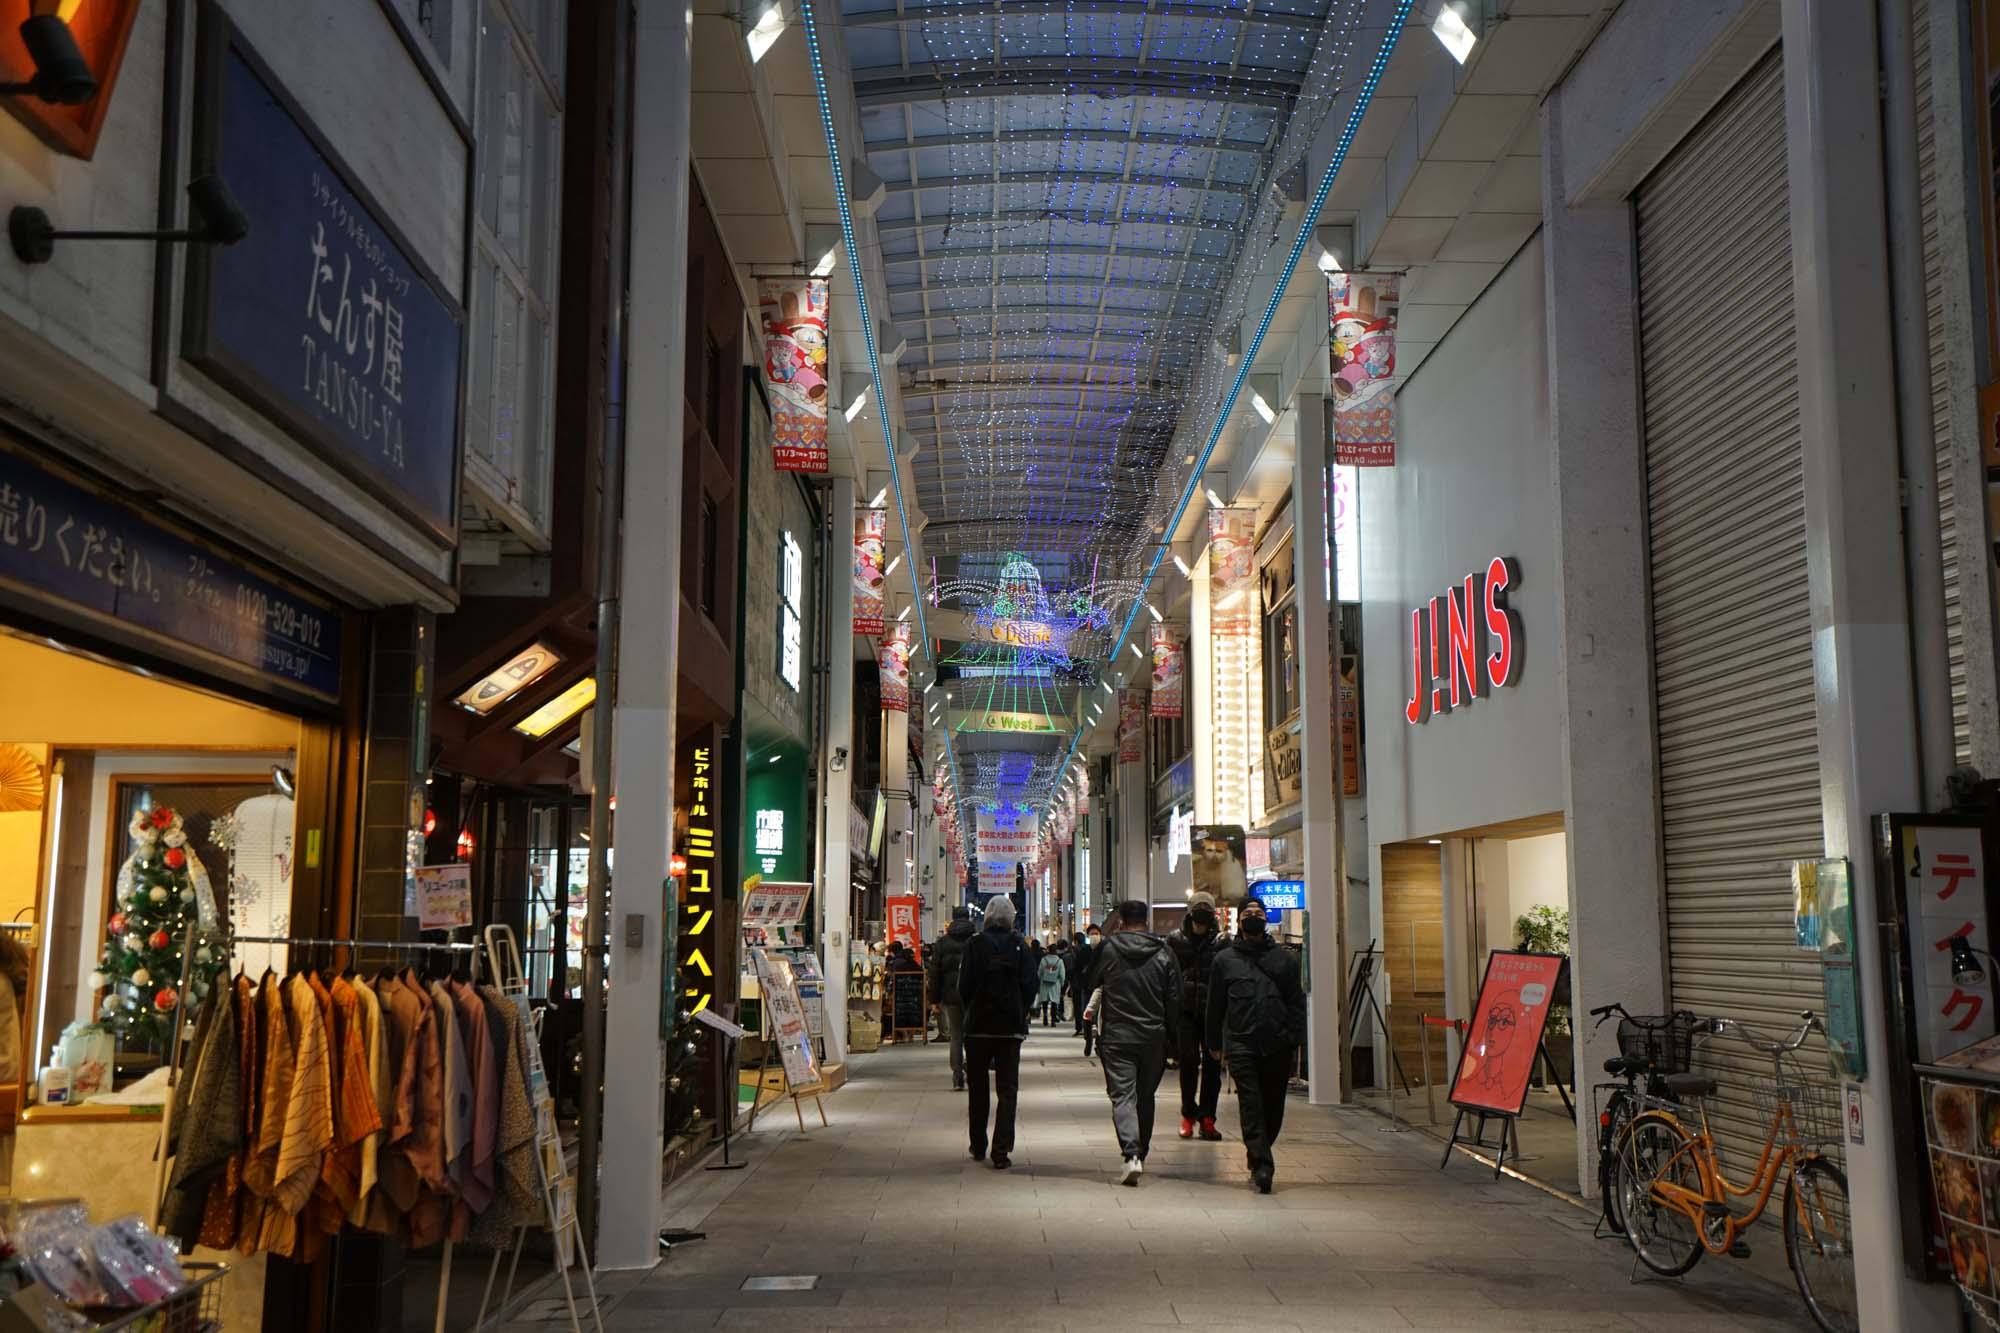 駅からアーケードの商店街が続きます。吉祥寺といえばこのアーケード商店街のイメージ、という方も多いかも。